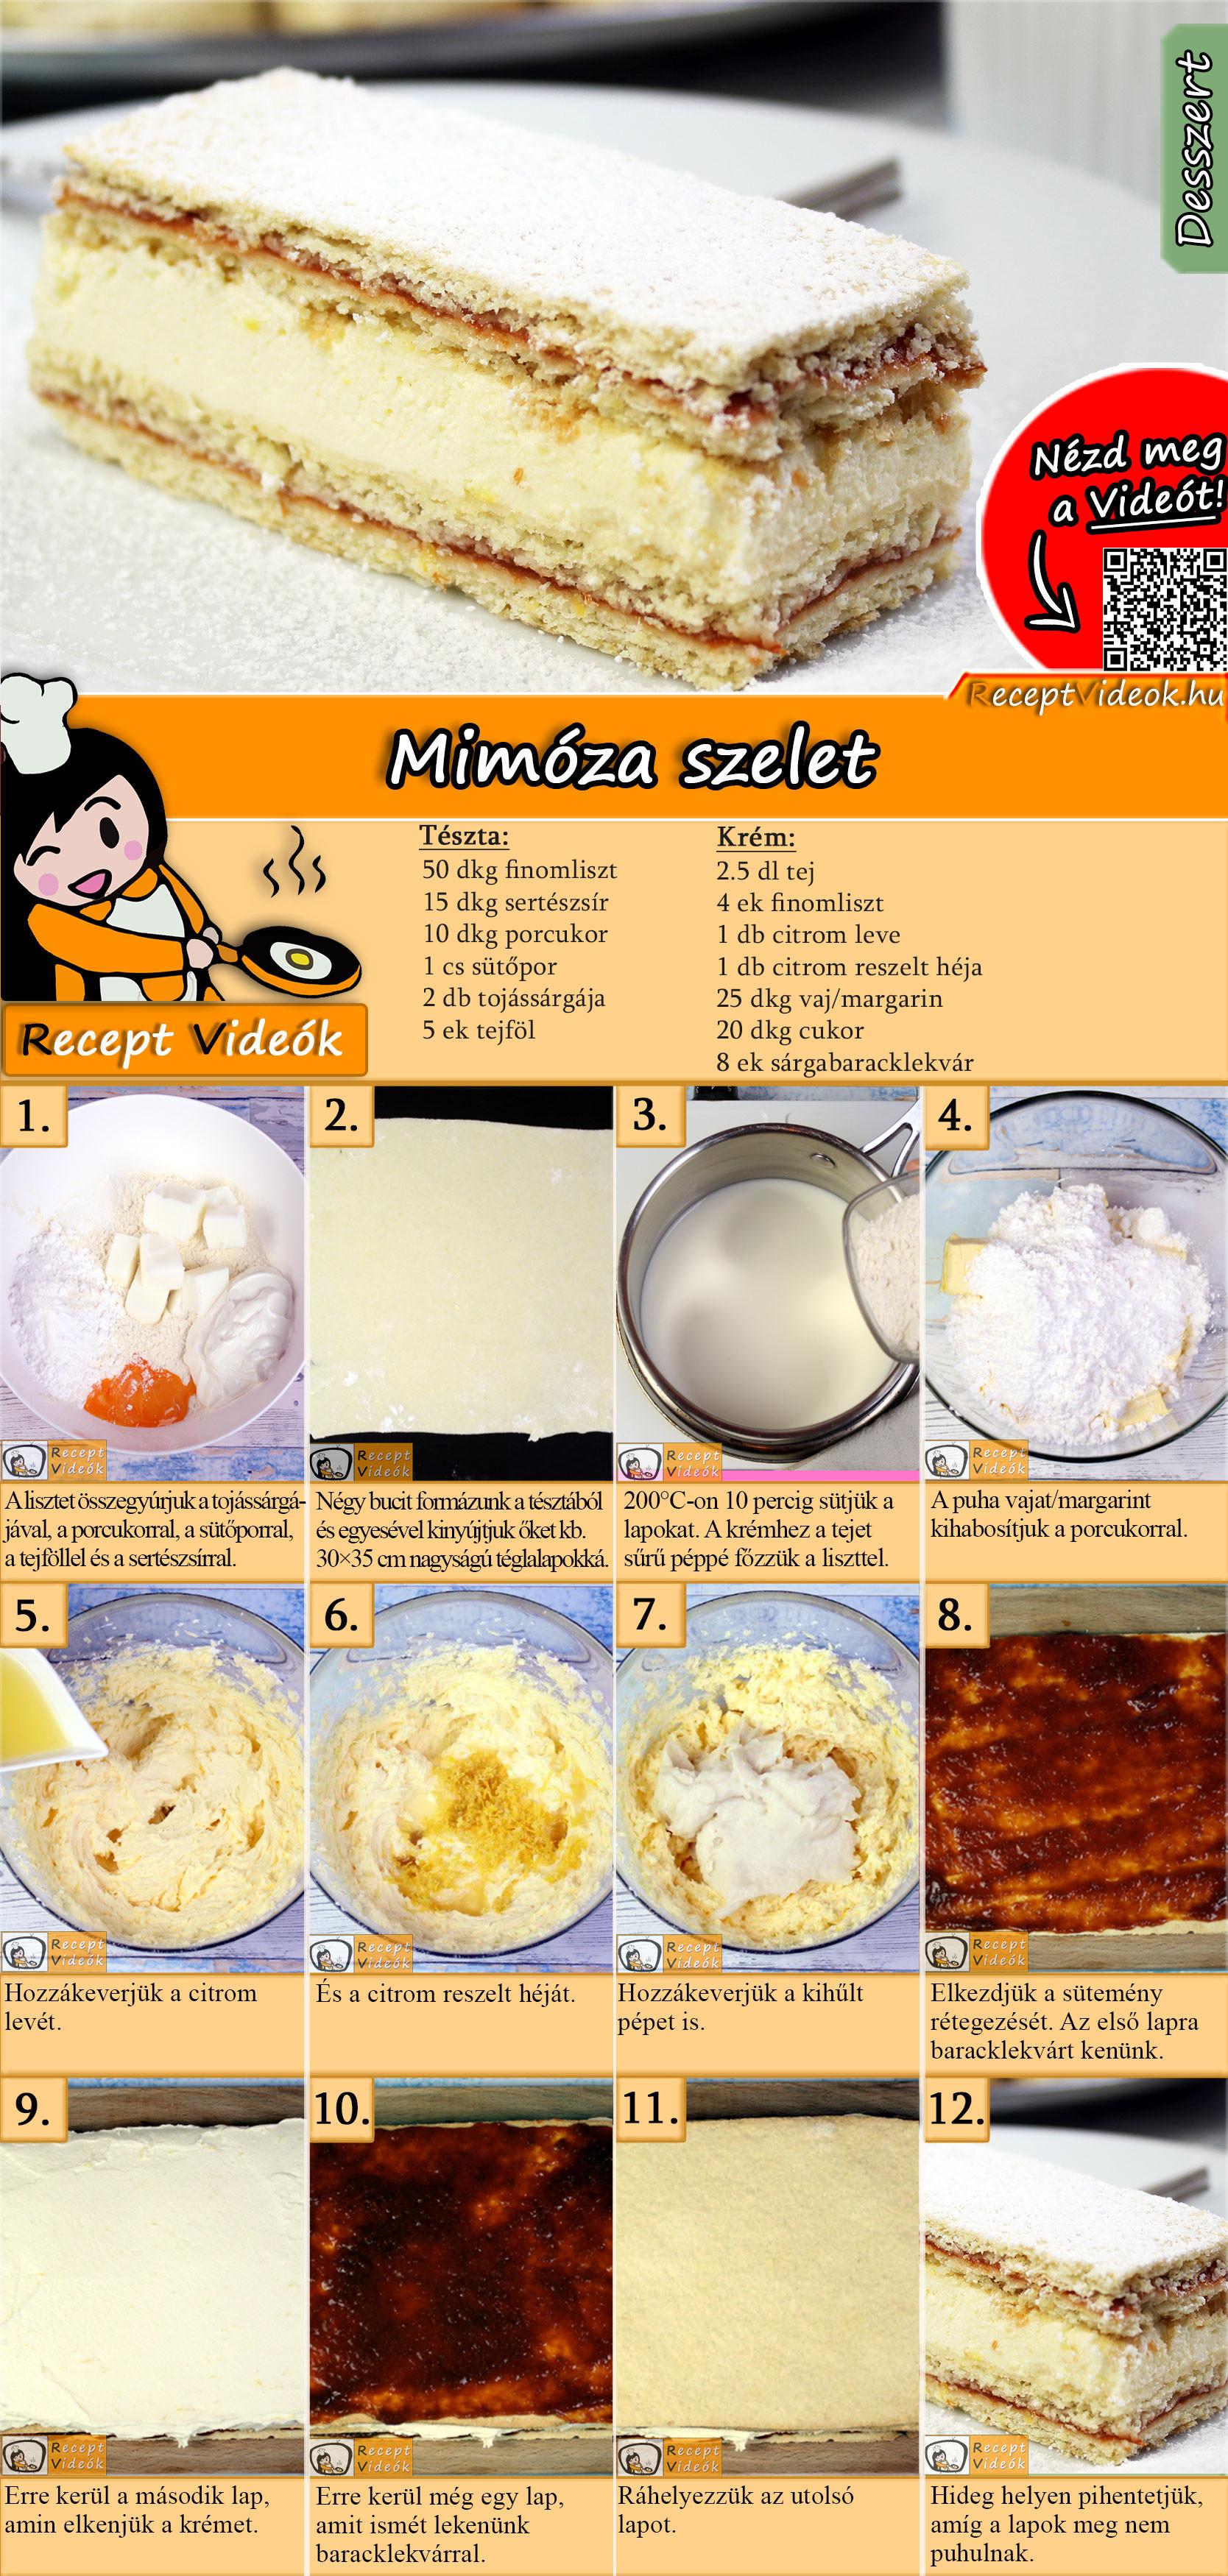 Mimóza szelet recept elkészítése videóval